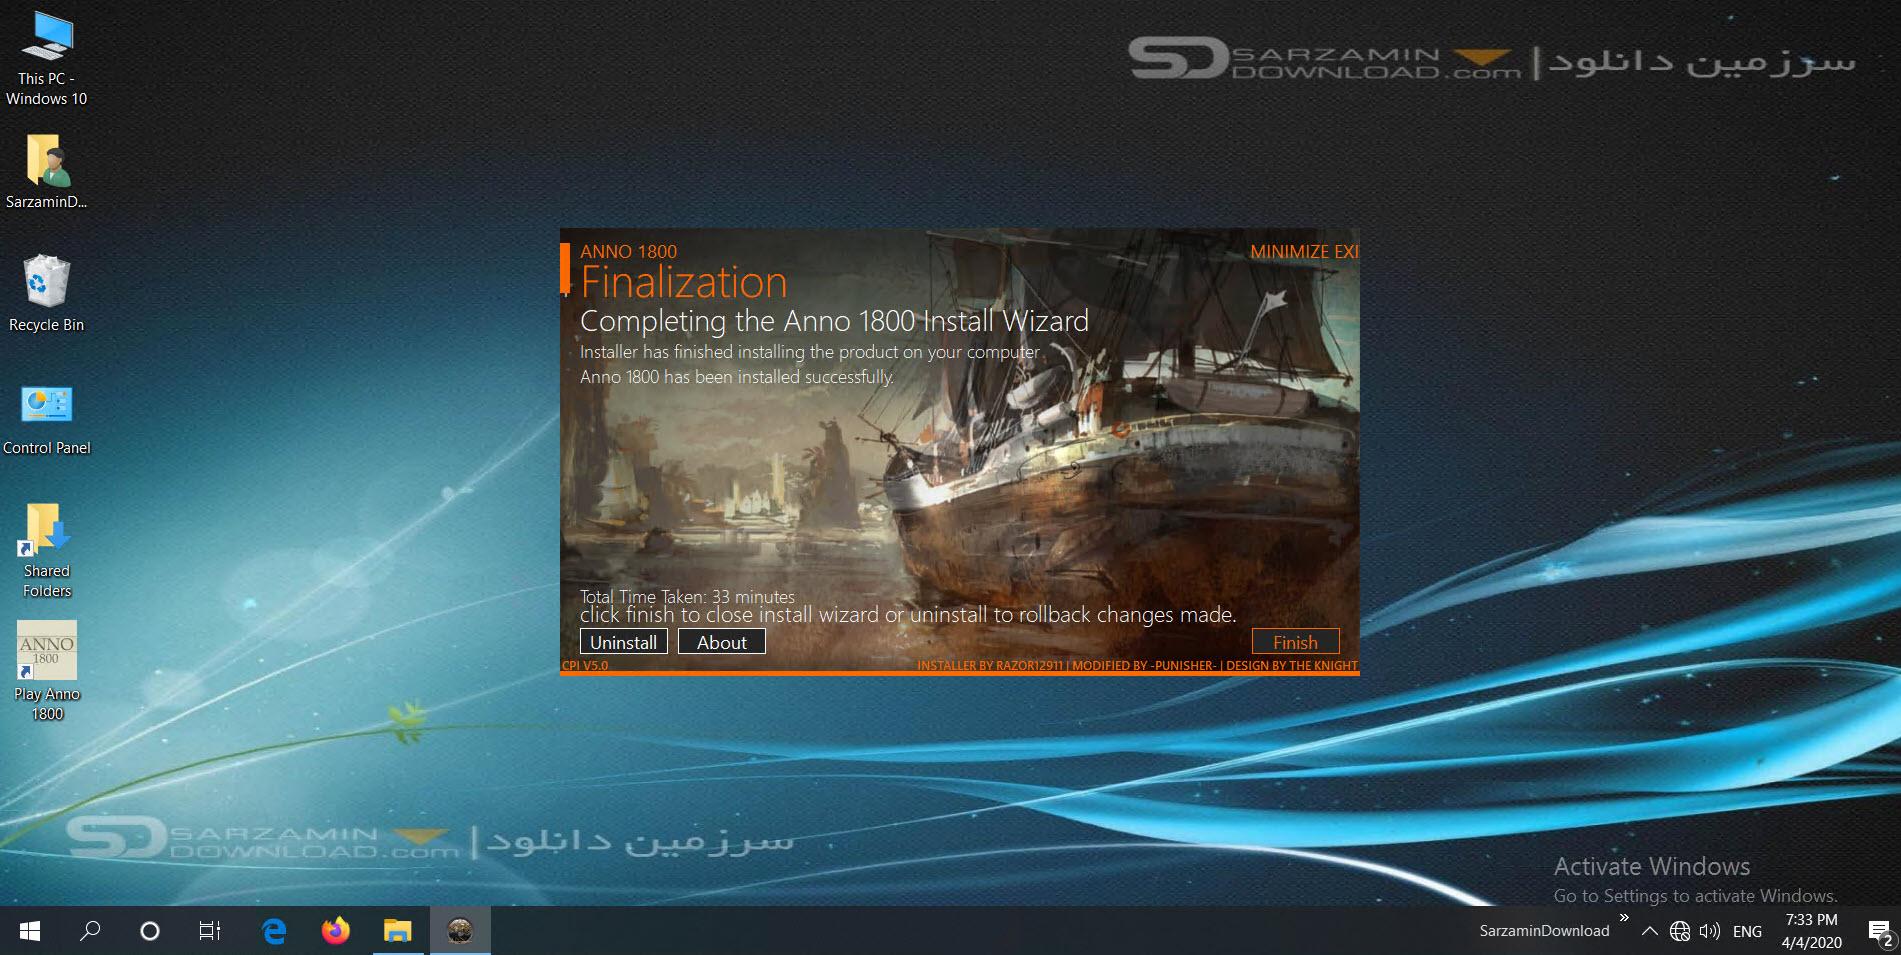 بازی آنو 1800 (برای کامپیوتر) - Anno 1800 Deluxe Edition PC Game